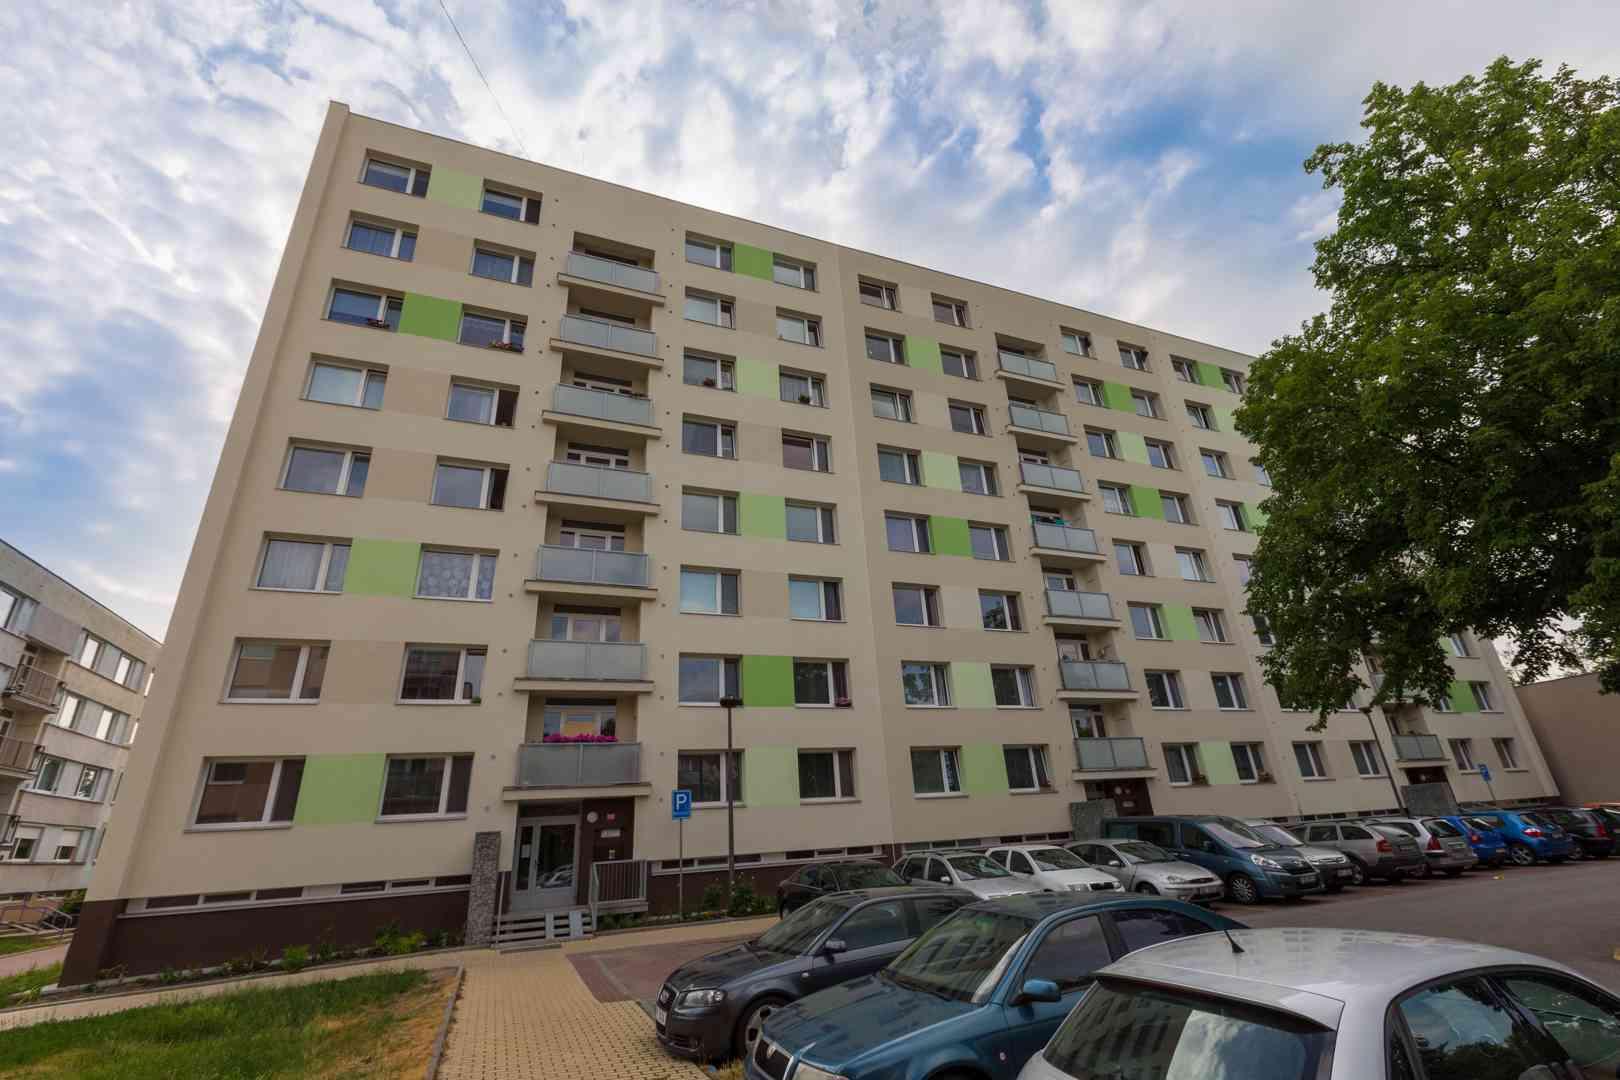 Byt 2+1 54m2 po rekonstrukci v Přelouči-ihned k nastěhování  - foto 10